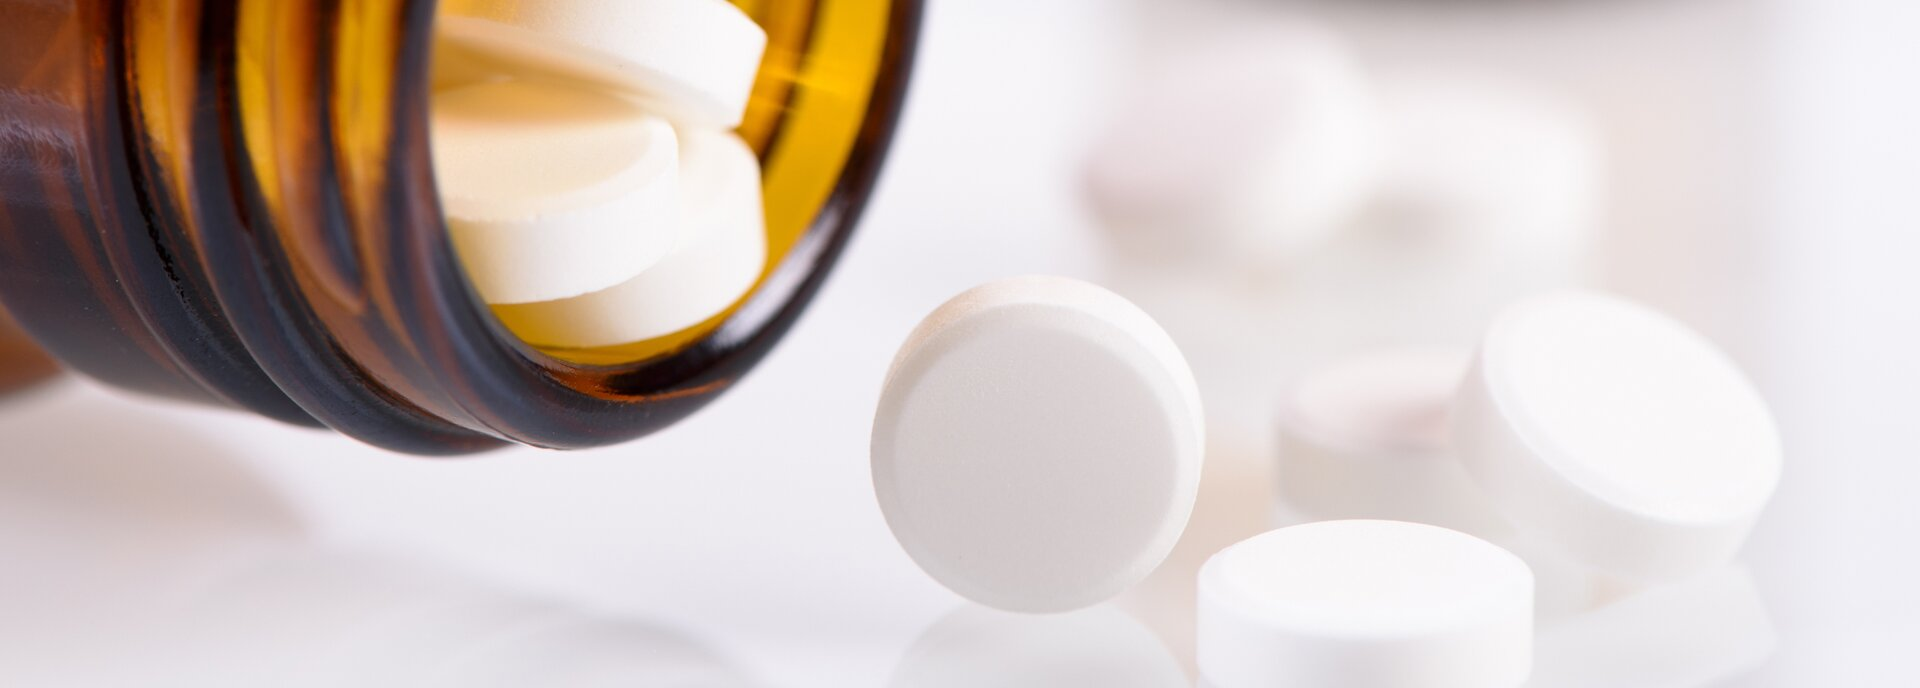 Kolorowe zdjęcie przedstawiające przechyloną na bok butelkę zbrązowego szkła, zktórej wysypują się białe okrągłe tabletki.